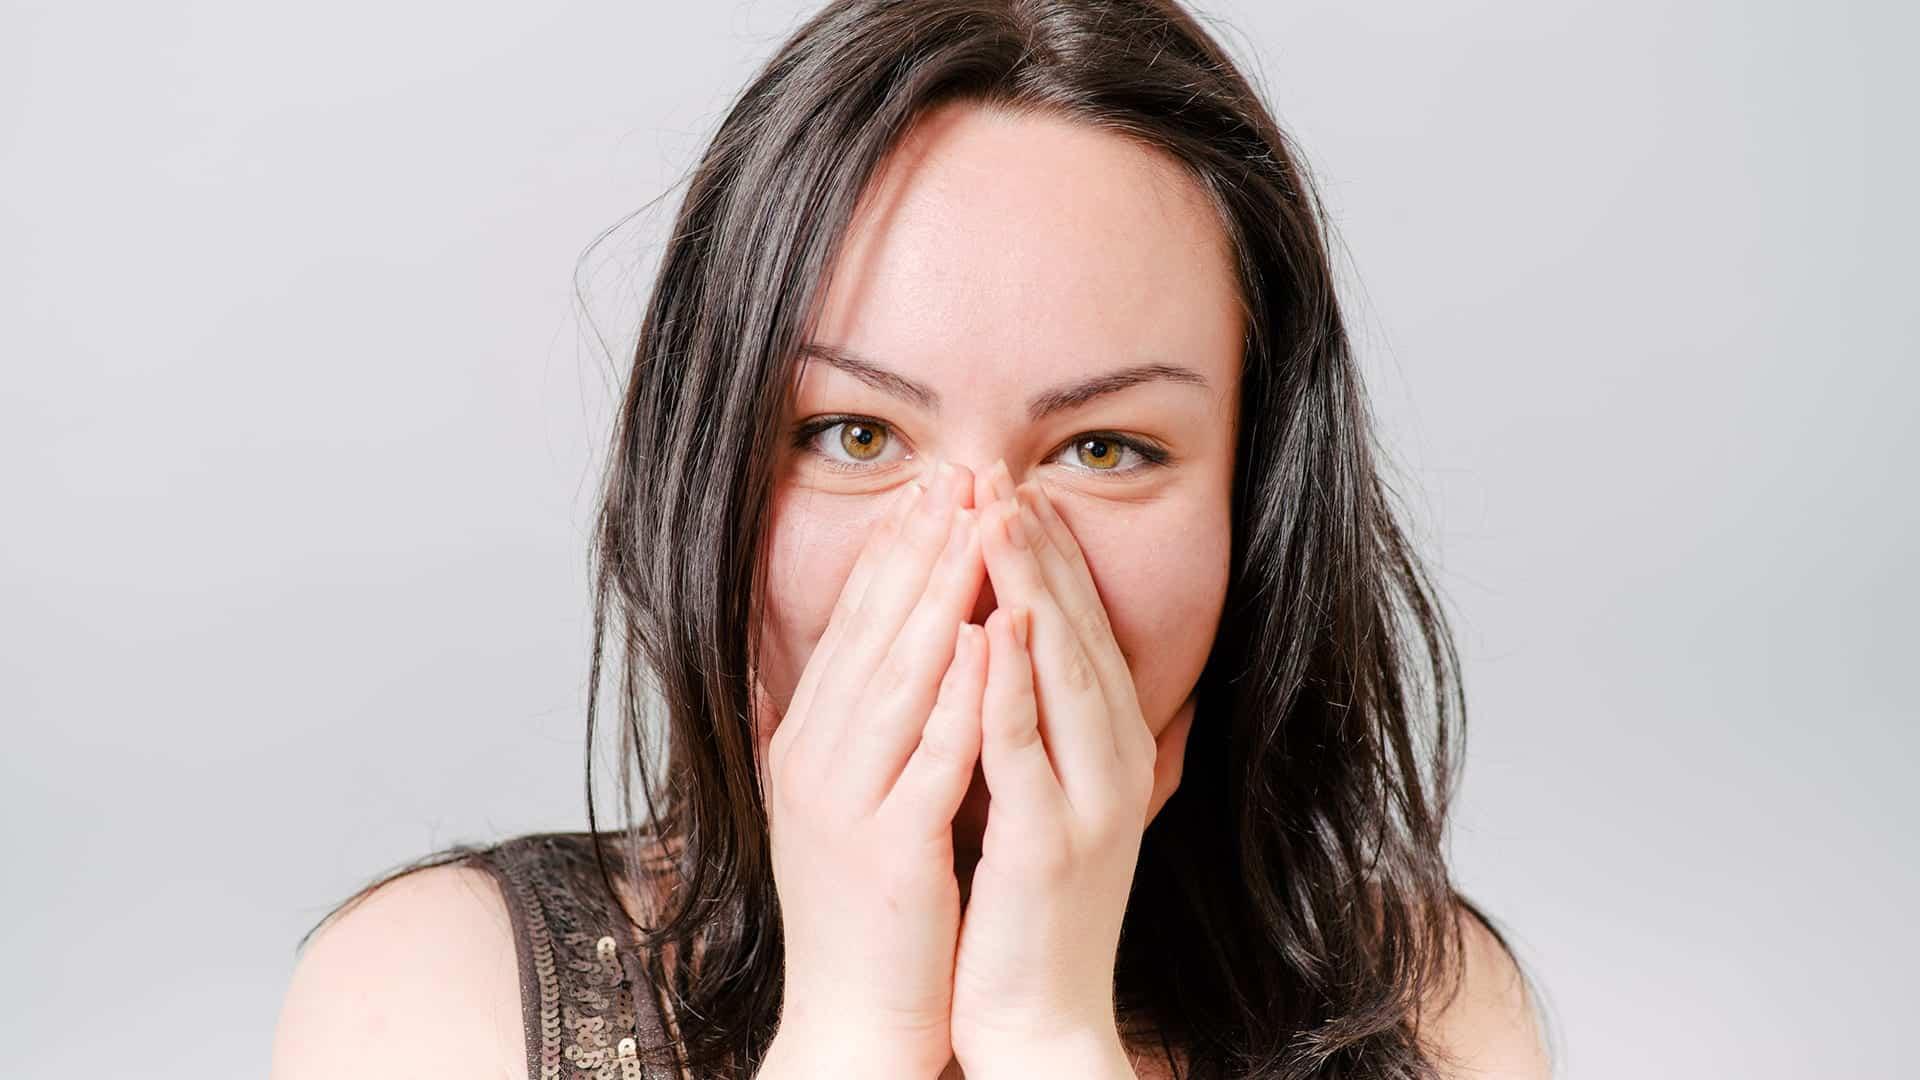 Porque sentimos frio na barriga quando ficamos nervosos?